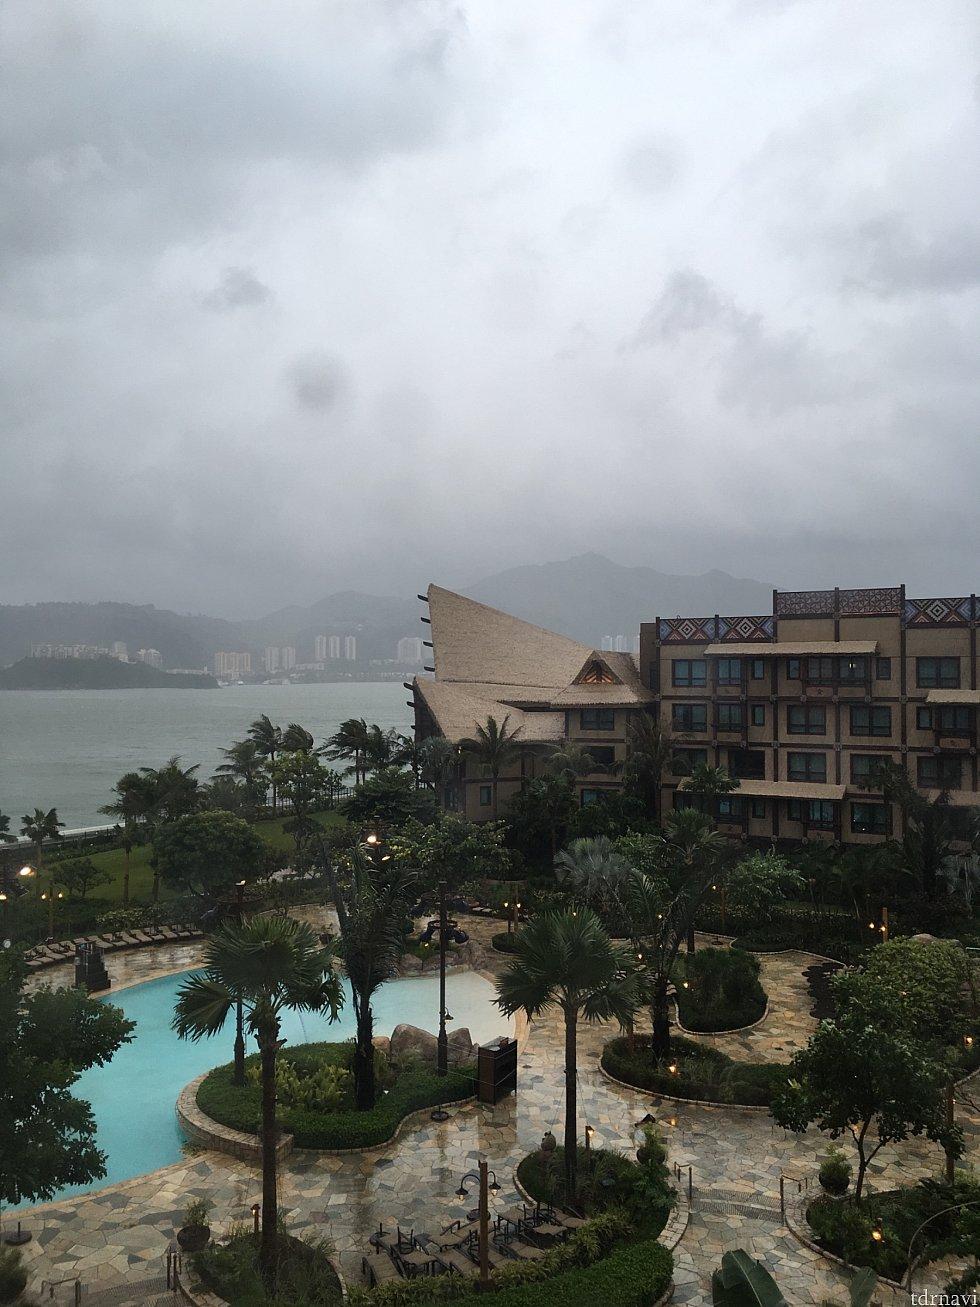 シグナル10直前の部屋から見た様子です。このあと暴風雨が強まりました。